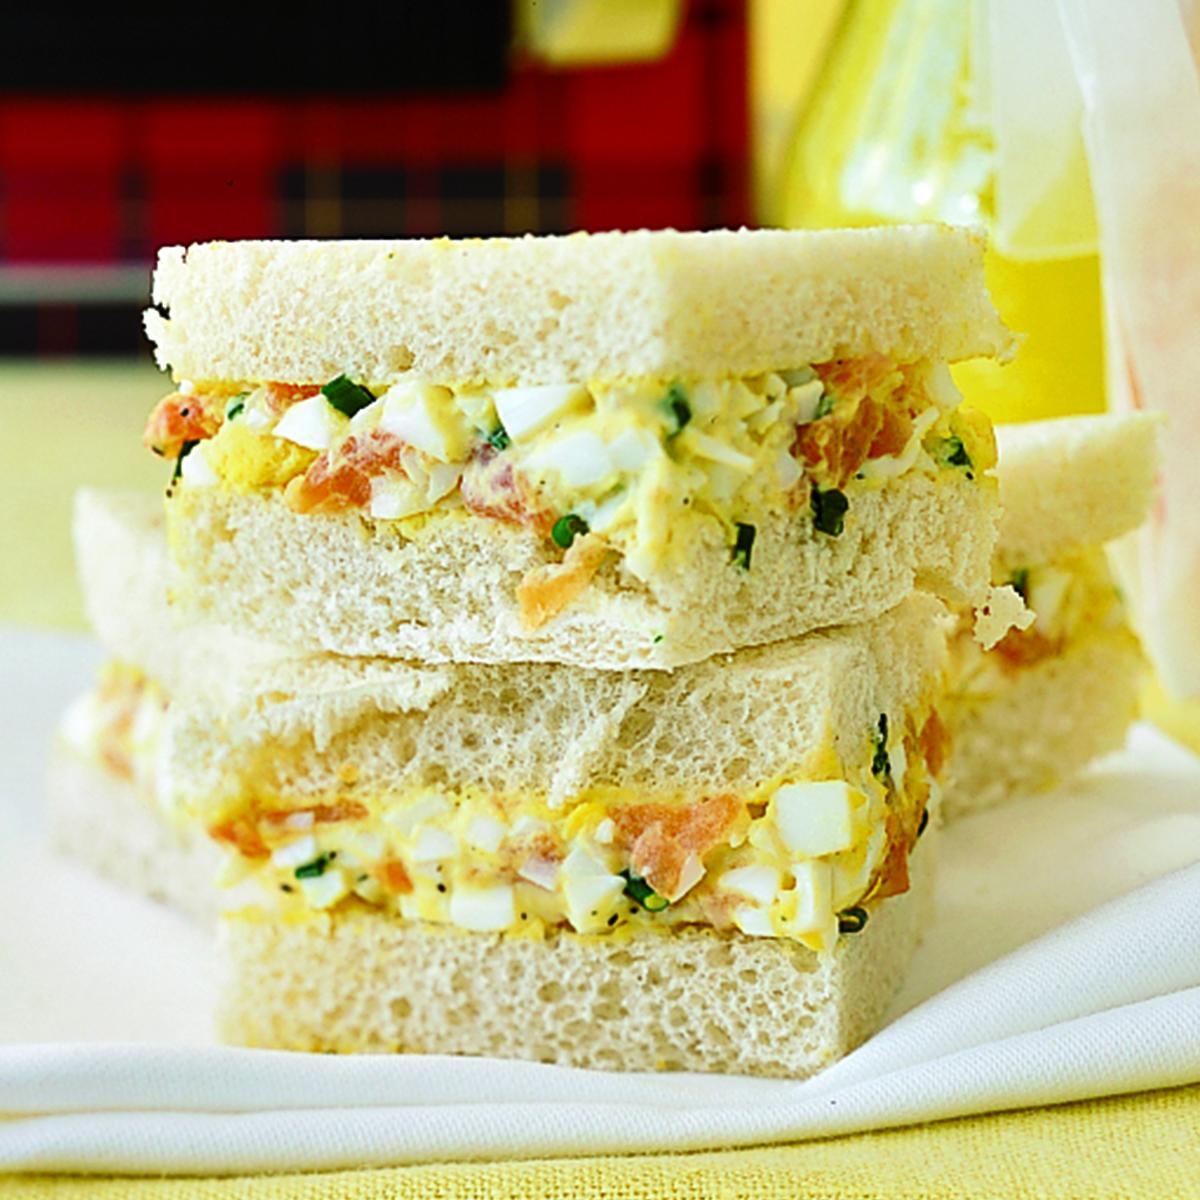 Smoked Salmon and Egg Salad Tea Sandwiches